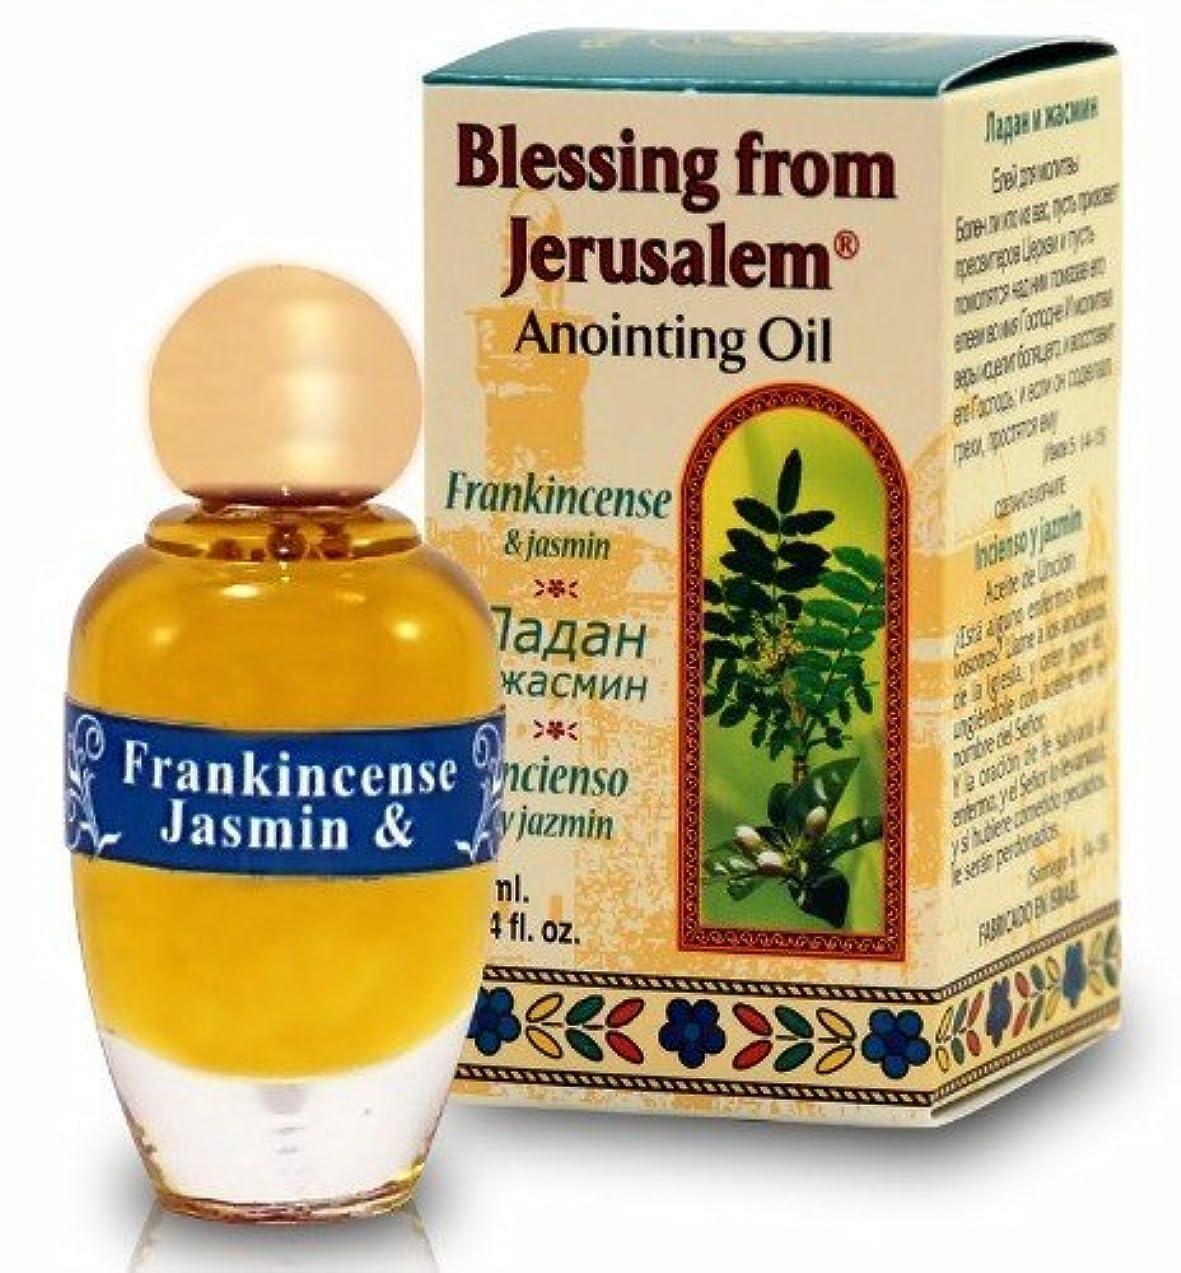 コンクリートそうマルクス主義Top Seller Frankincense &ジャスミンAnointing Oil byベツレヘムギフトTM